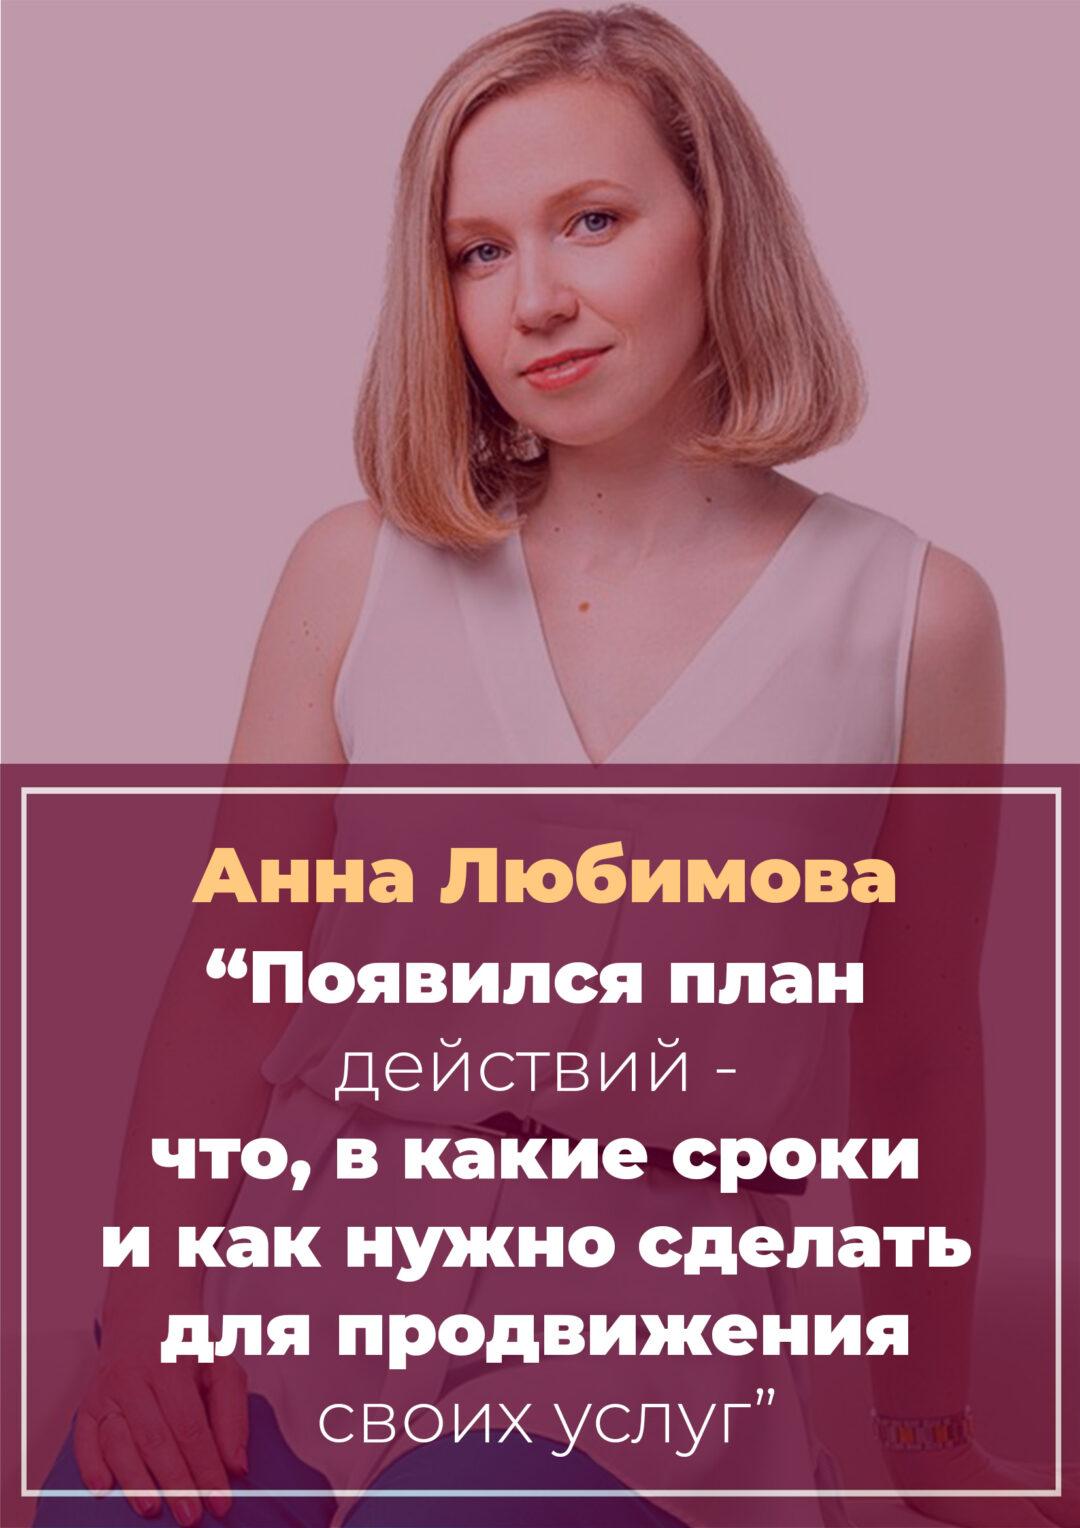 История Анны Любимовой